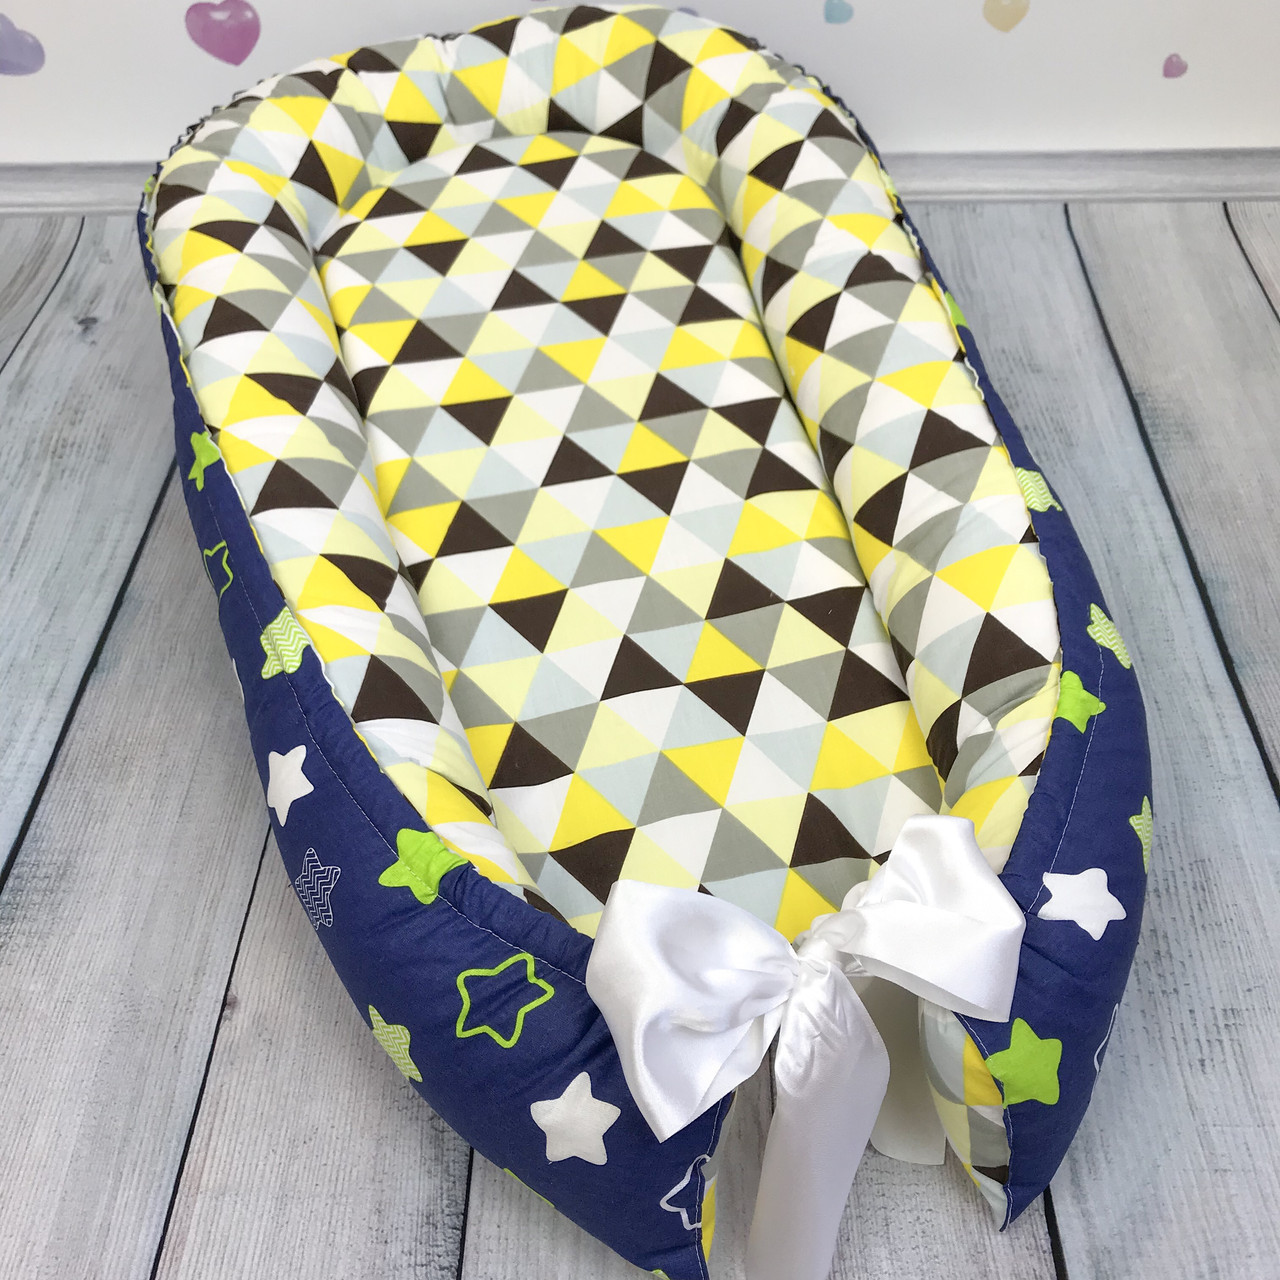 """Кокон-гніздечко для новонародженого """"Трикутники і Зірки"""" з поролоновим матрацом"""